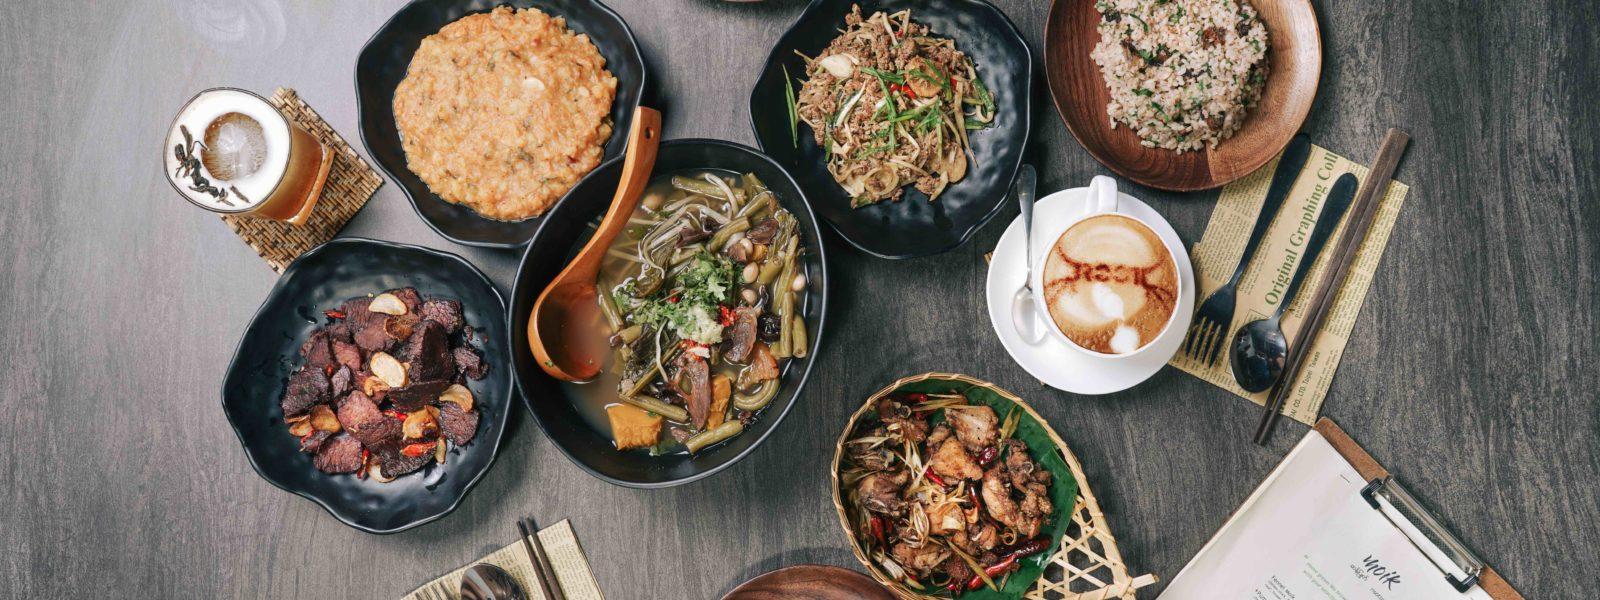 Root - Wa cuisine at Root - Yangon - Sampan Travel